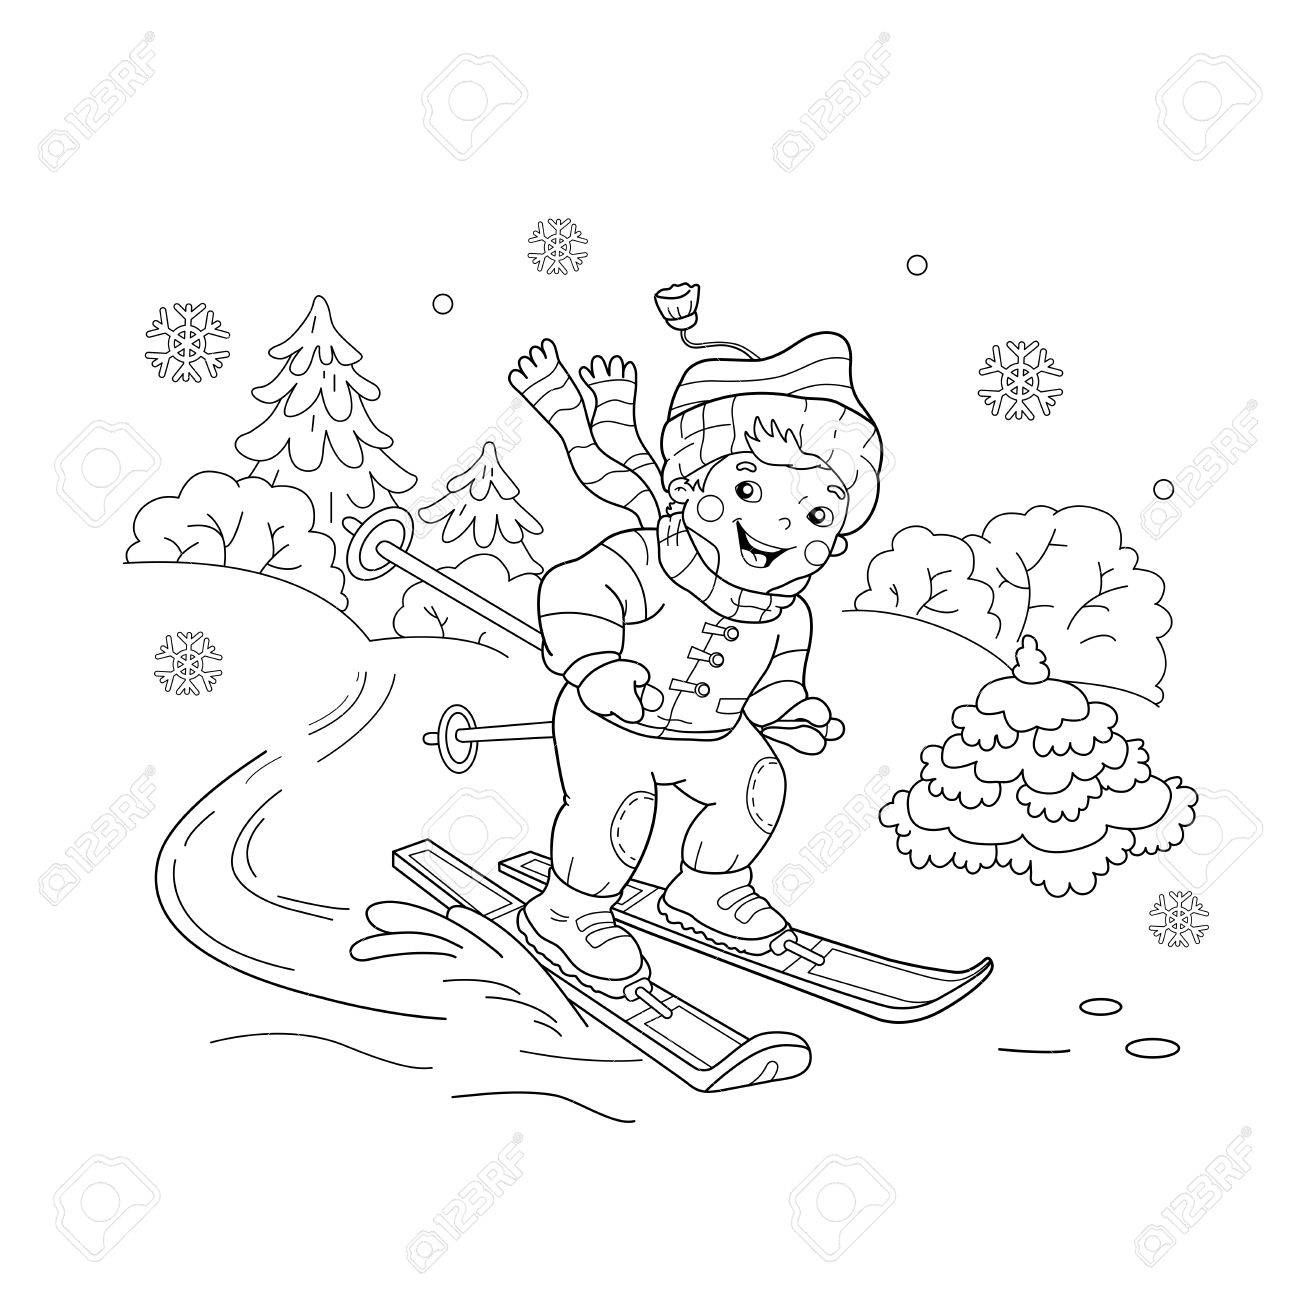 Coloriage Cheval Hiver.Coloriage Contour De Bande Dessinee Garcon A Cheval Sur Les Skis Sports D Hiver Livre De Coloriage Pour Les Enfants